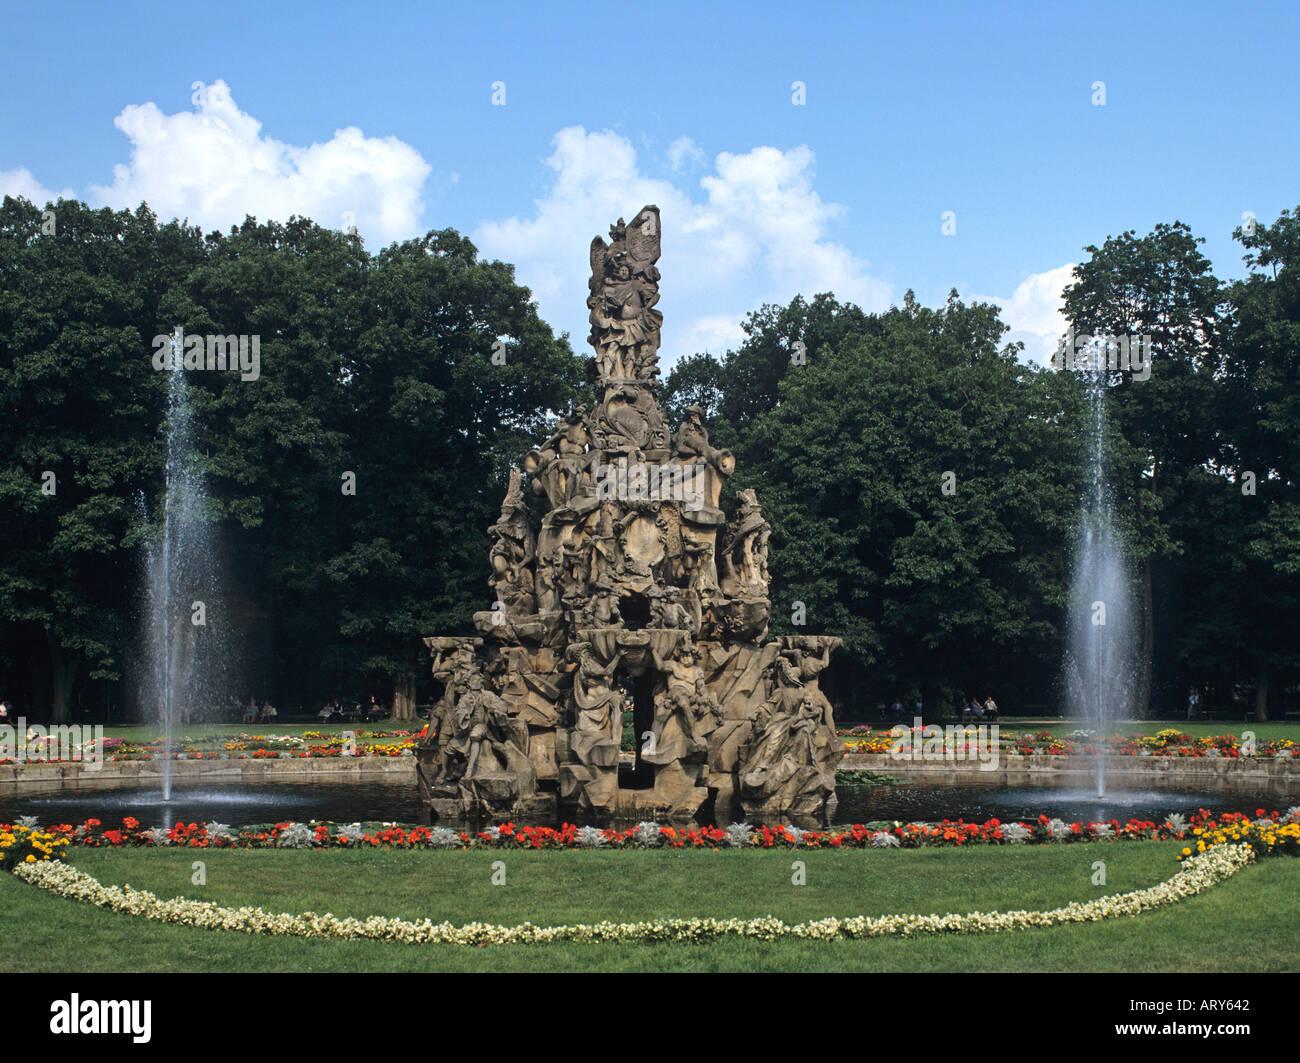 Charming Europa Europe Germany Deutschland Bayern Bavaria Erlangen Hugenottenbrunnen  Huguenot Fountain